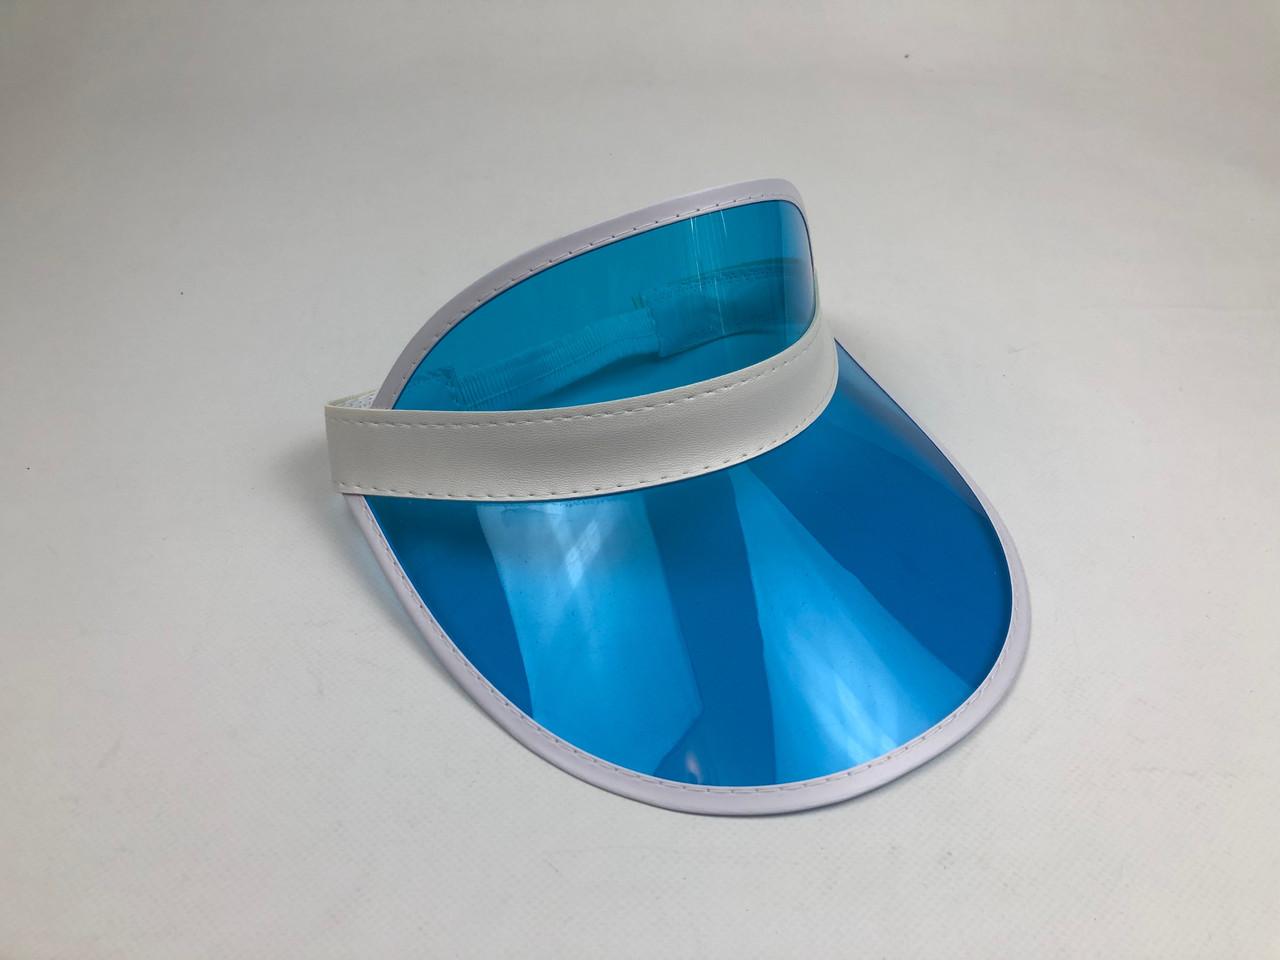 Женский пластиковый солнцезащитный Козырёк City-A на голову от солнца прозрачный Голубой